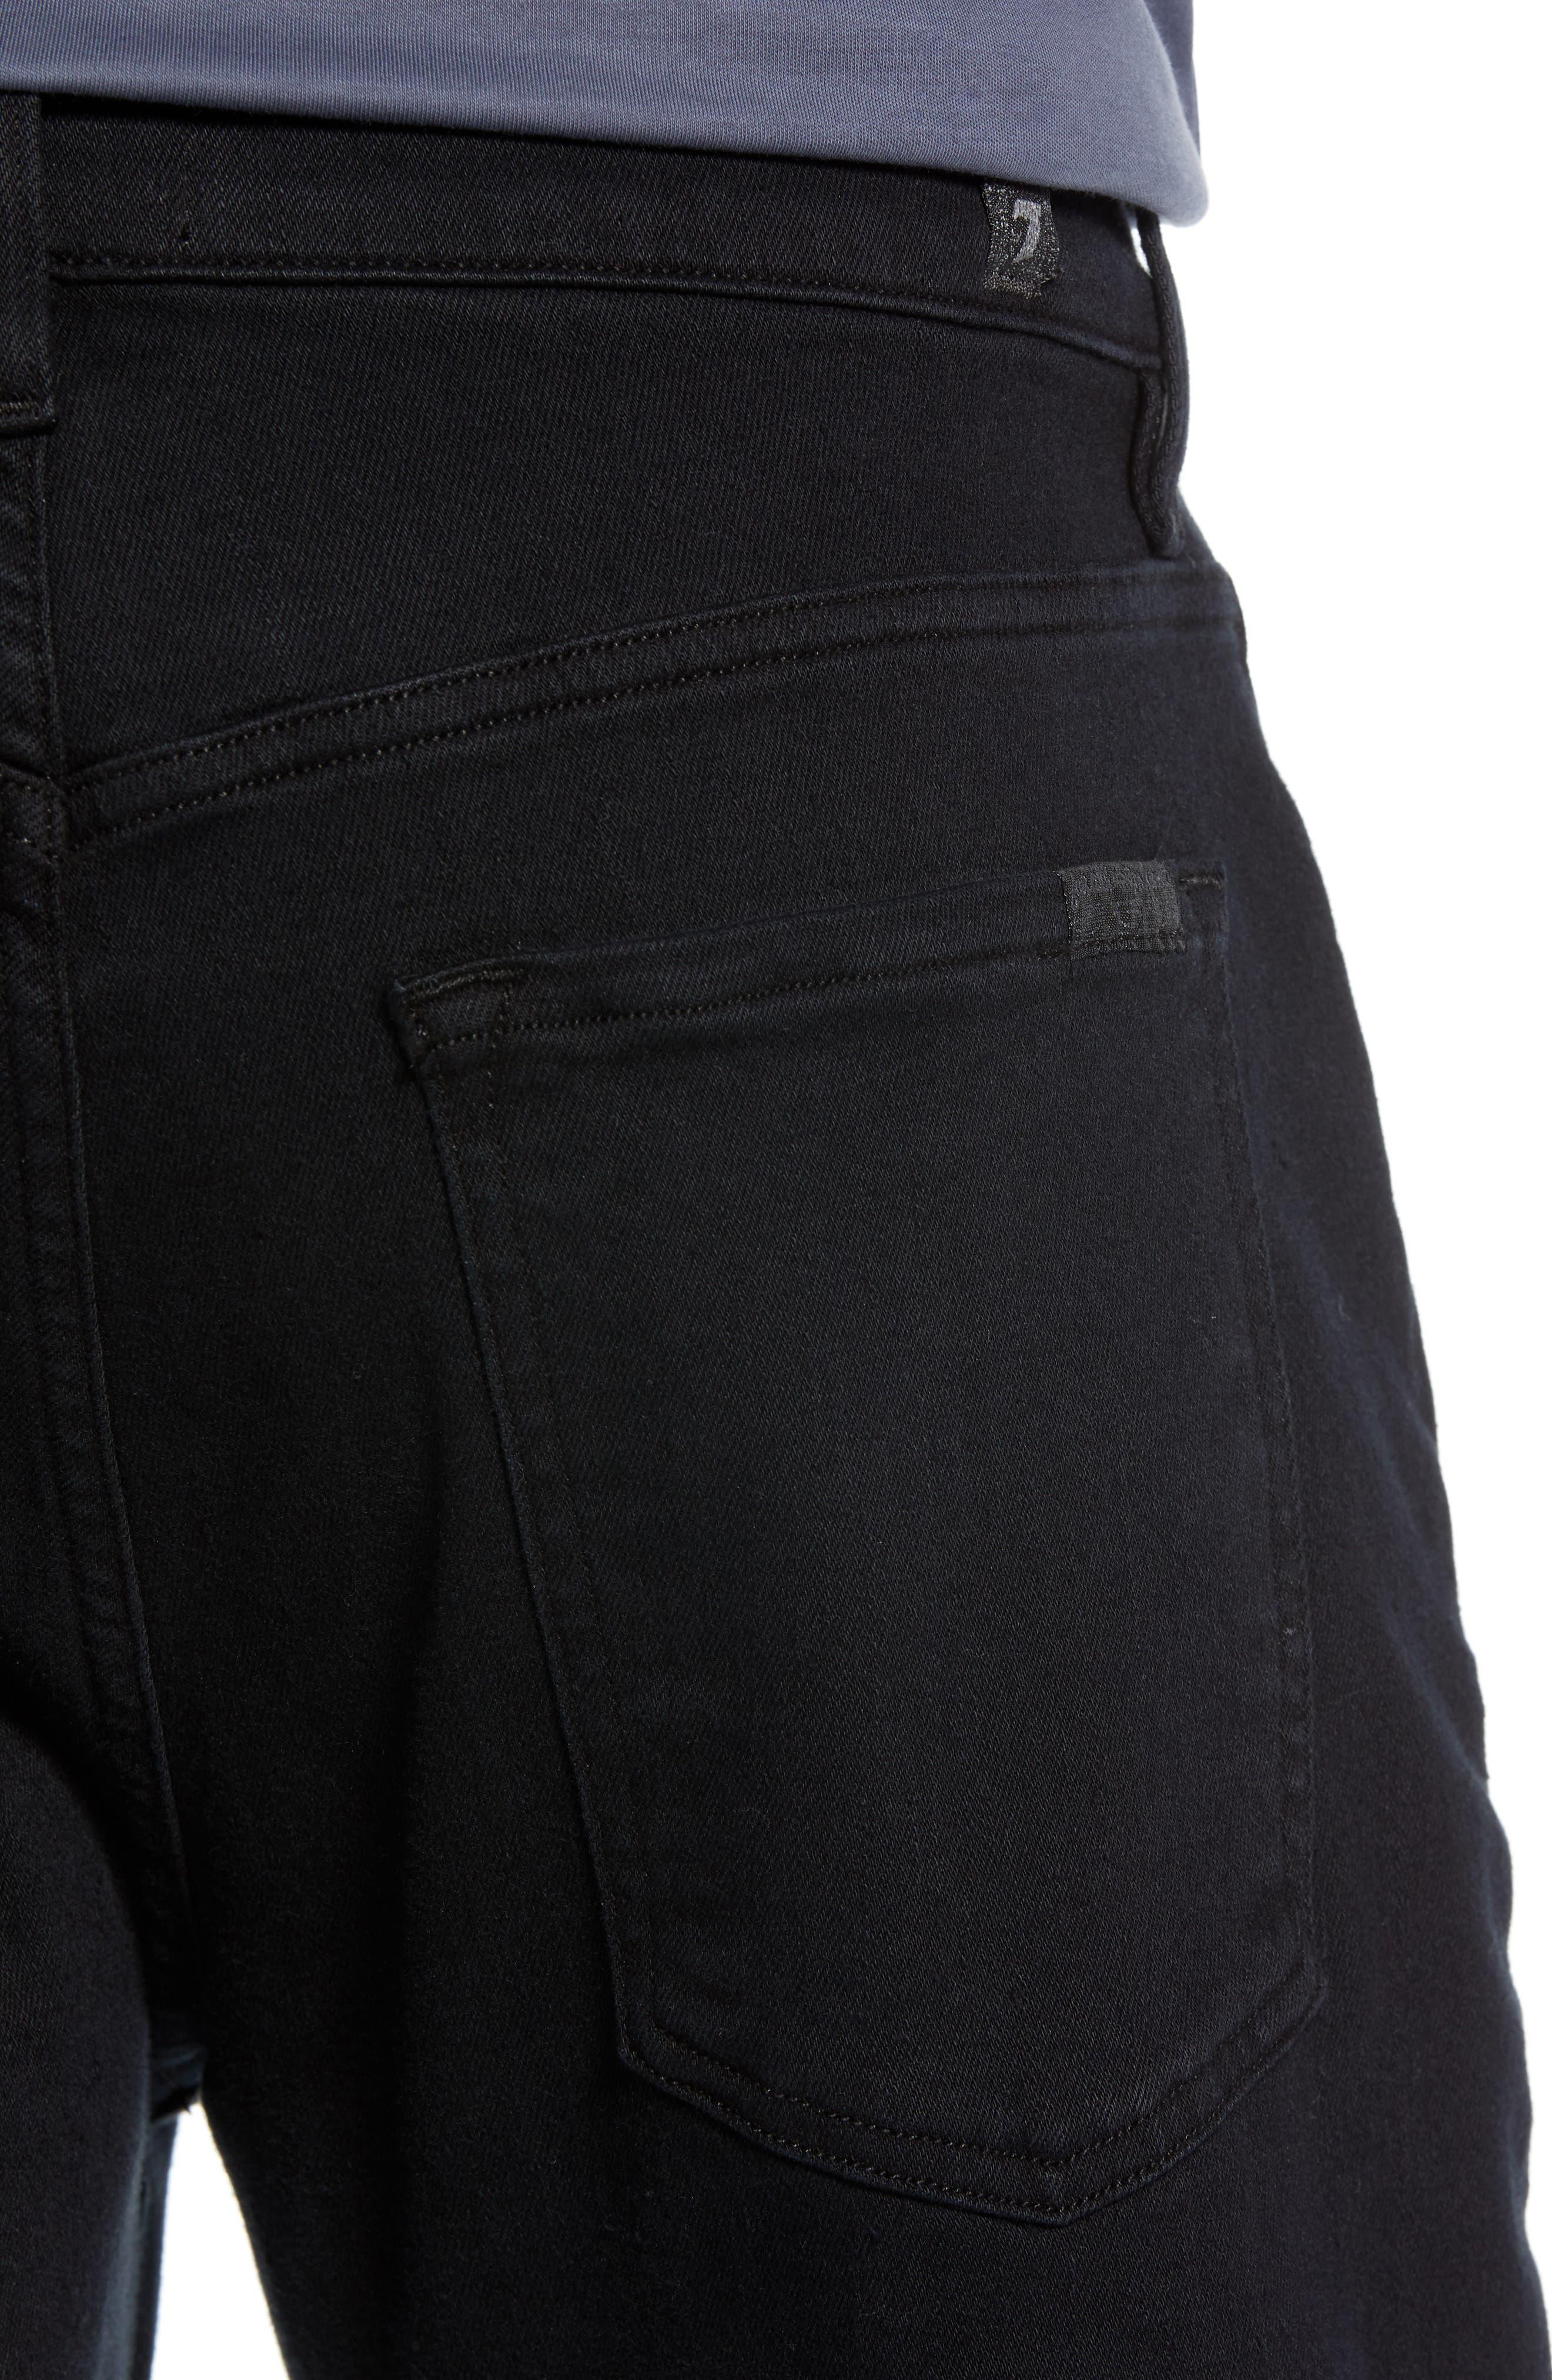 Adrien Slim Fit Straight Leg Jeans,                             Alternate thumbnail 4, color,                             AUTHENTIC BLACK